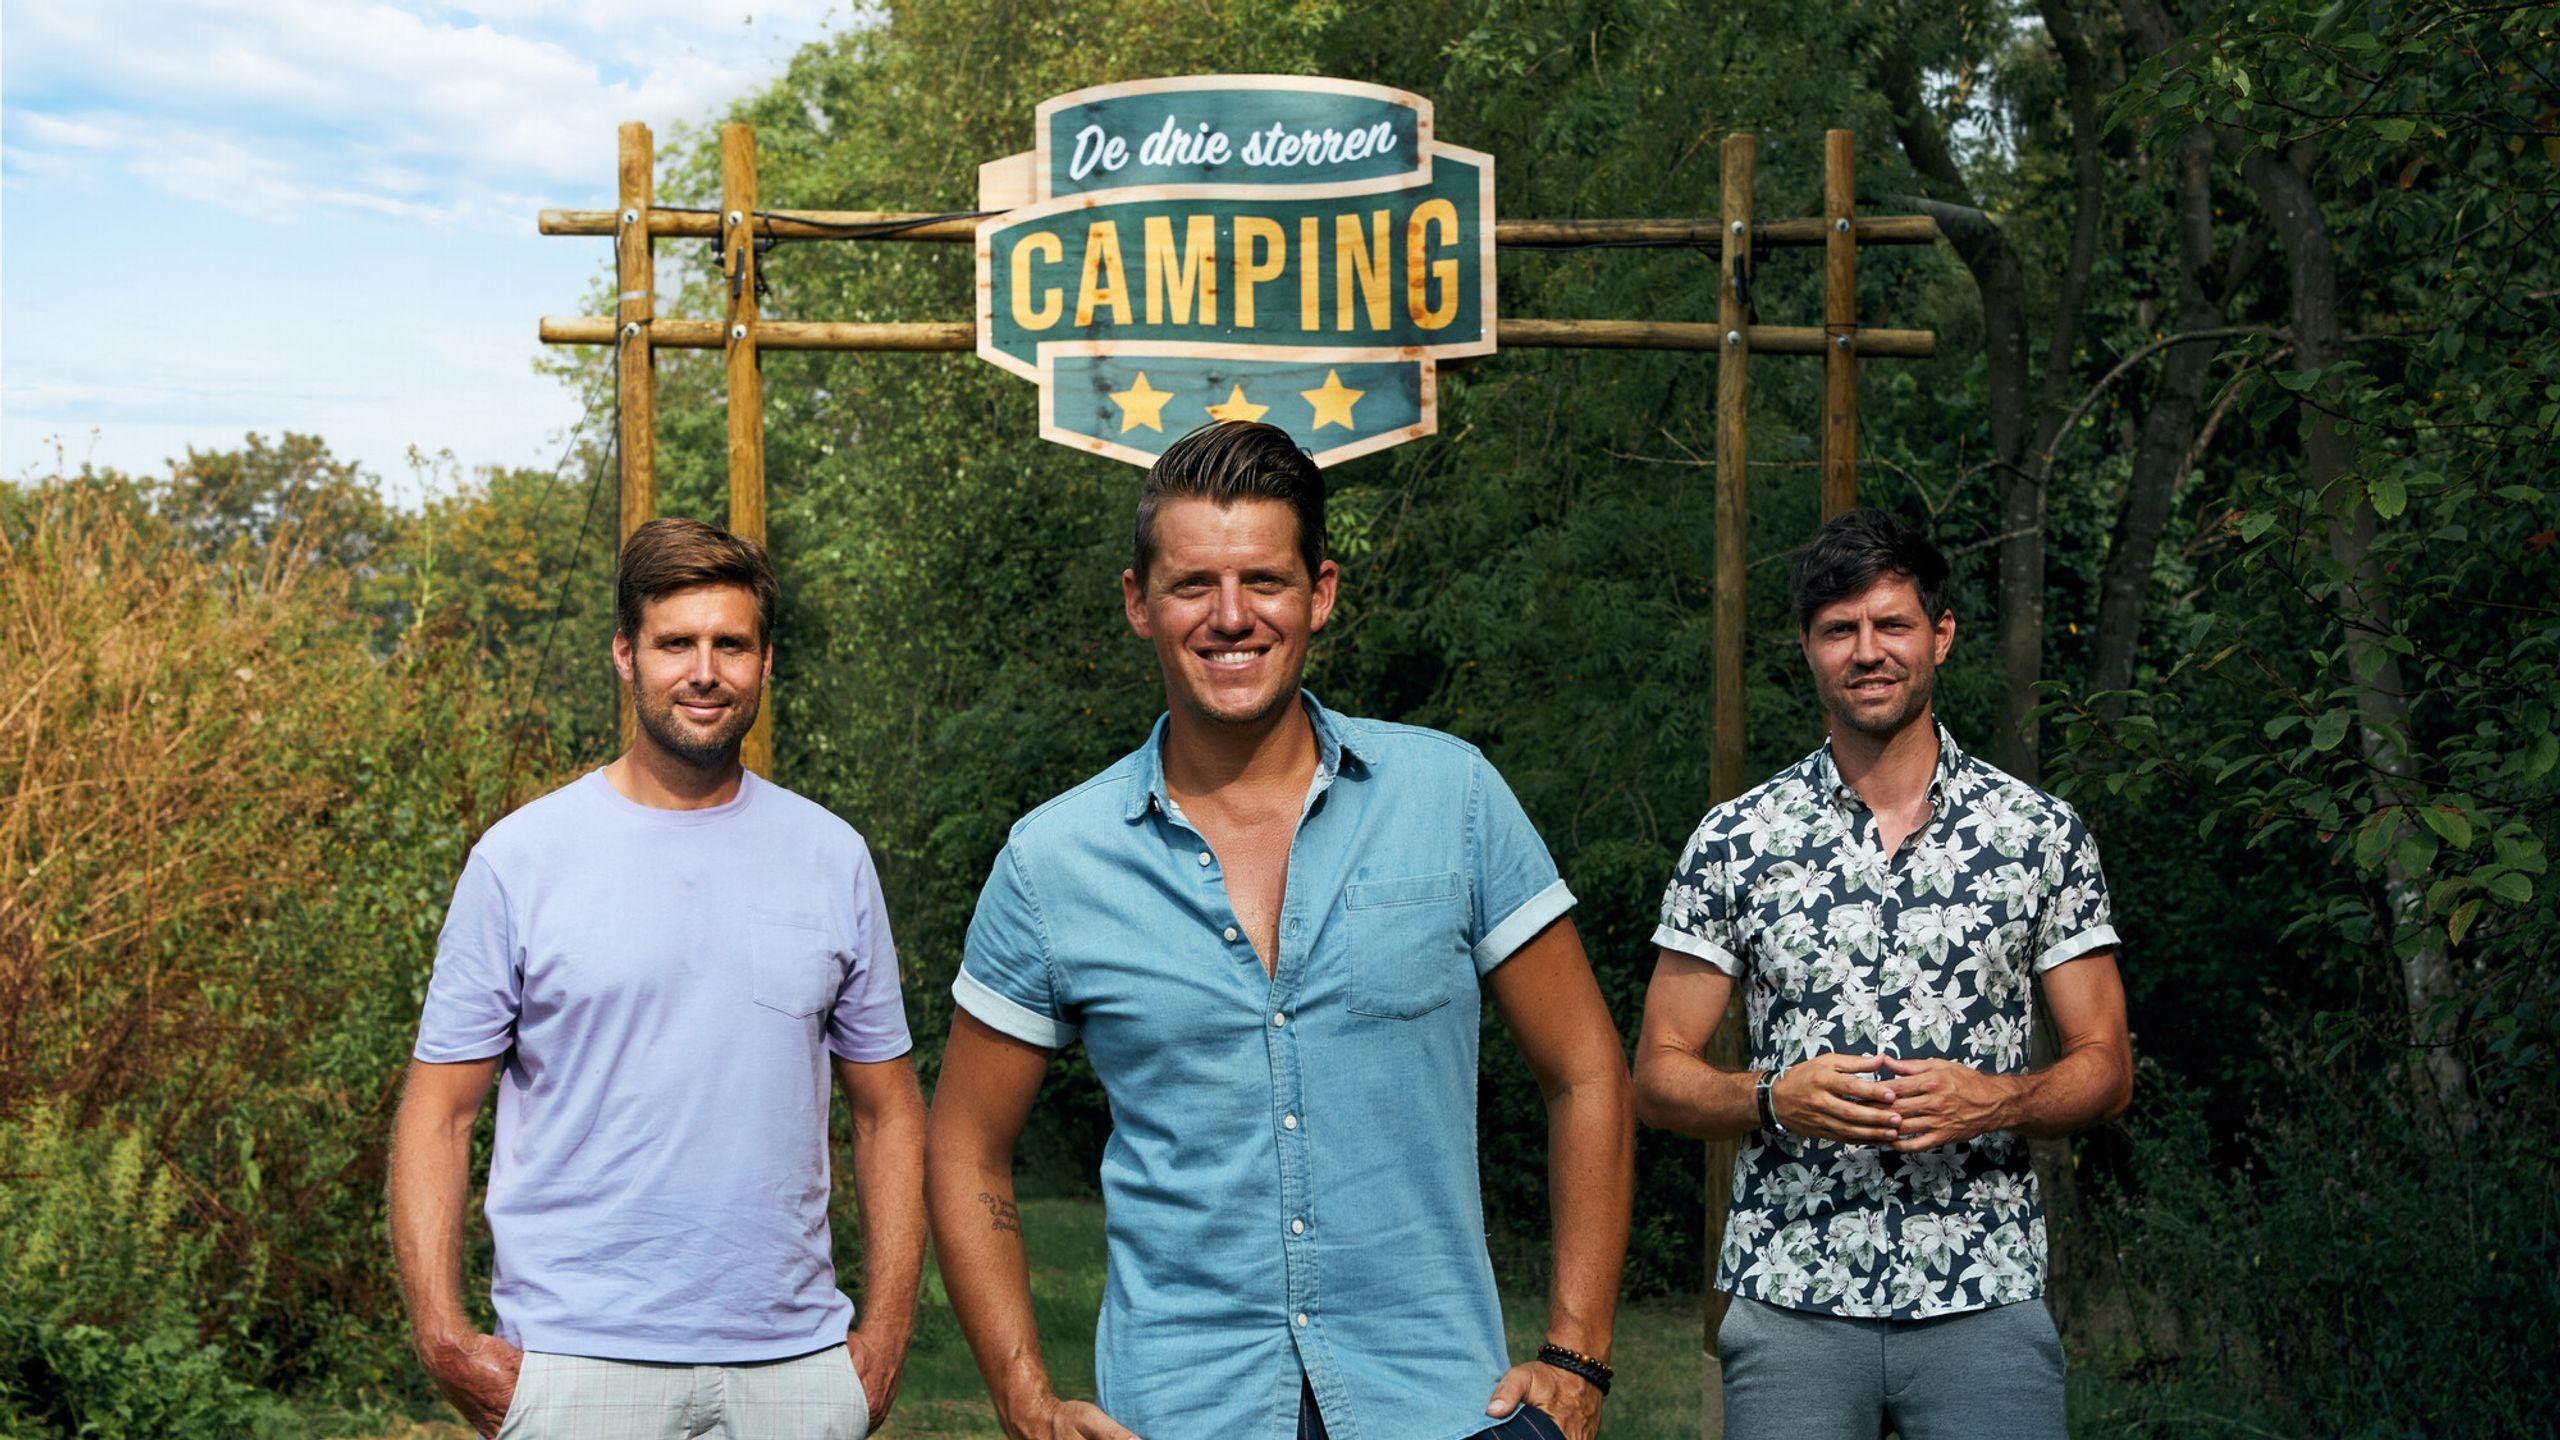 De 3 sterren camping